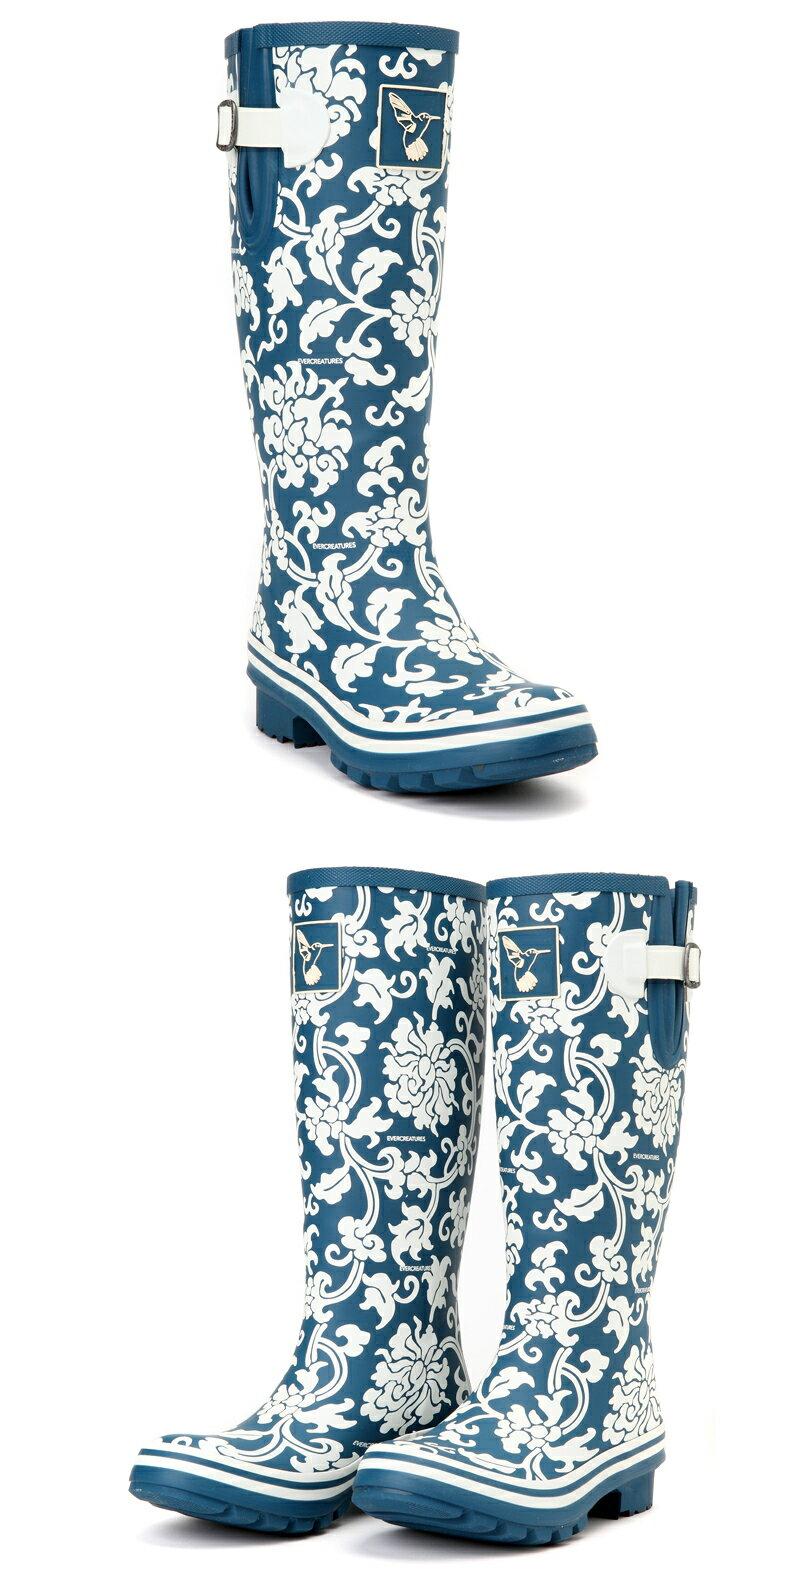 AT日韓-英國品牌雨鞋,青花瓷紋高筒雨靴馬靴【S809006】 2